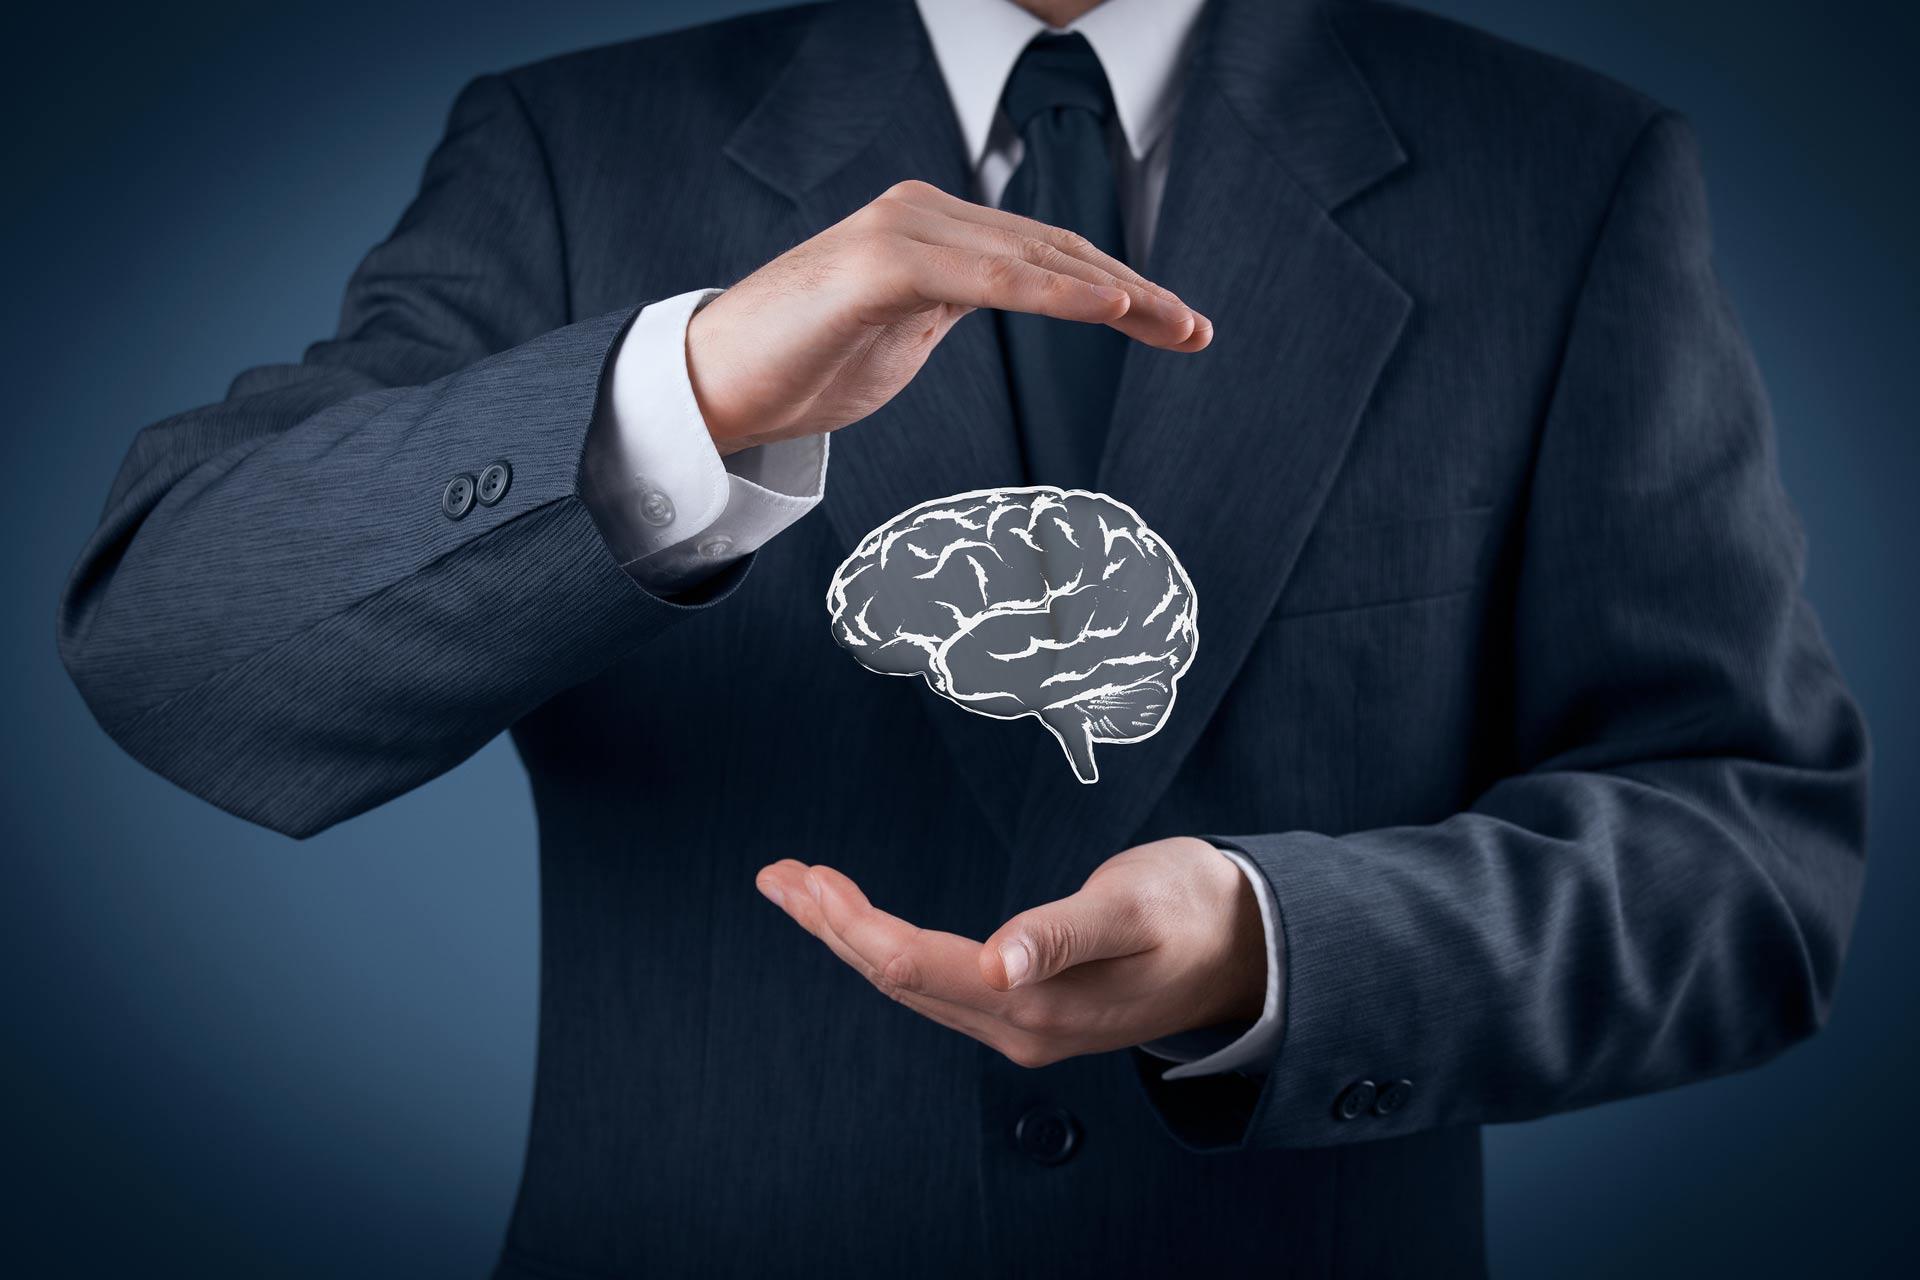 Вебинар: Психология Влияния. Мягкое влияние на людей без давления и стресса.